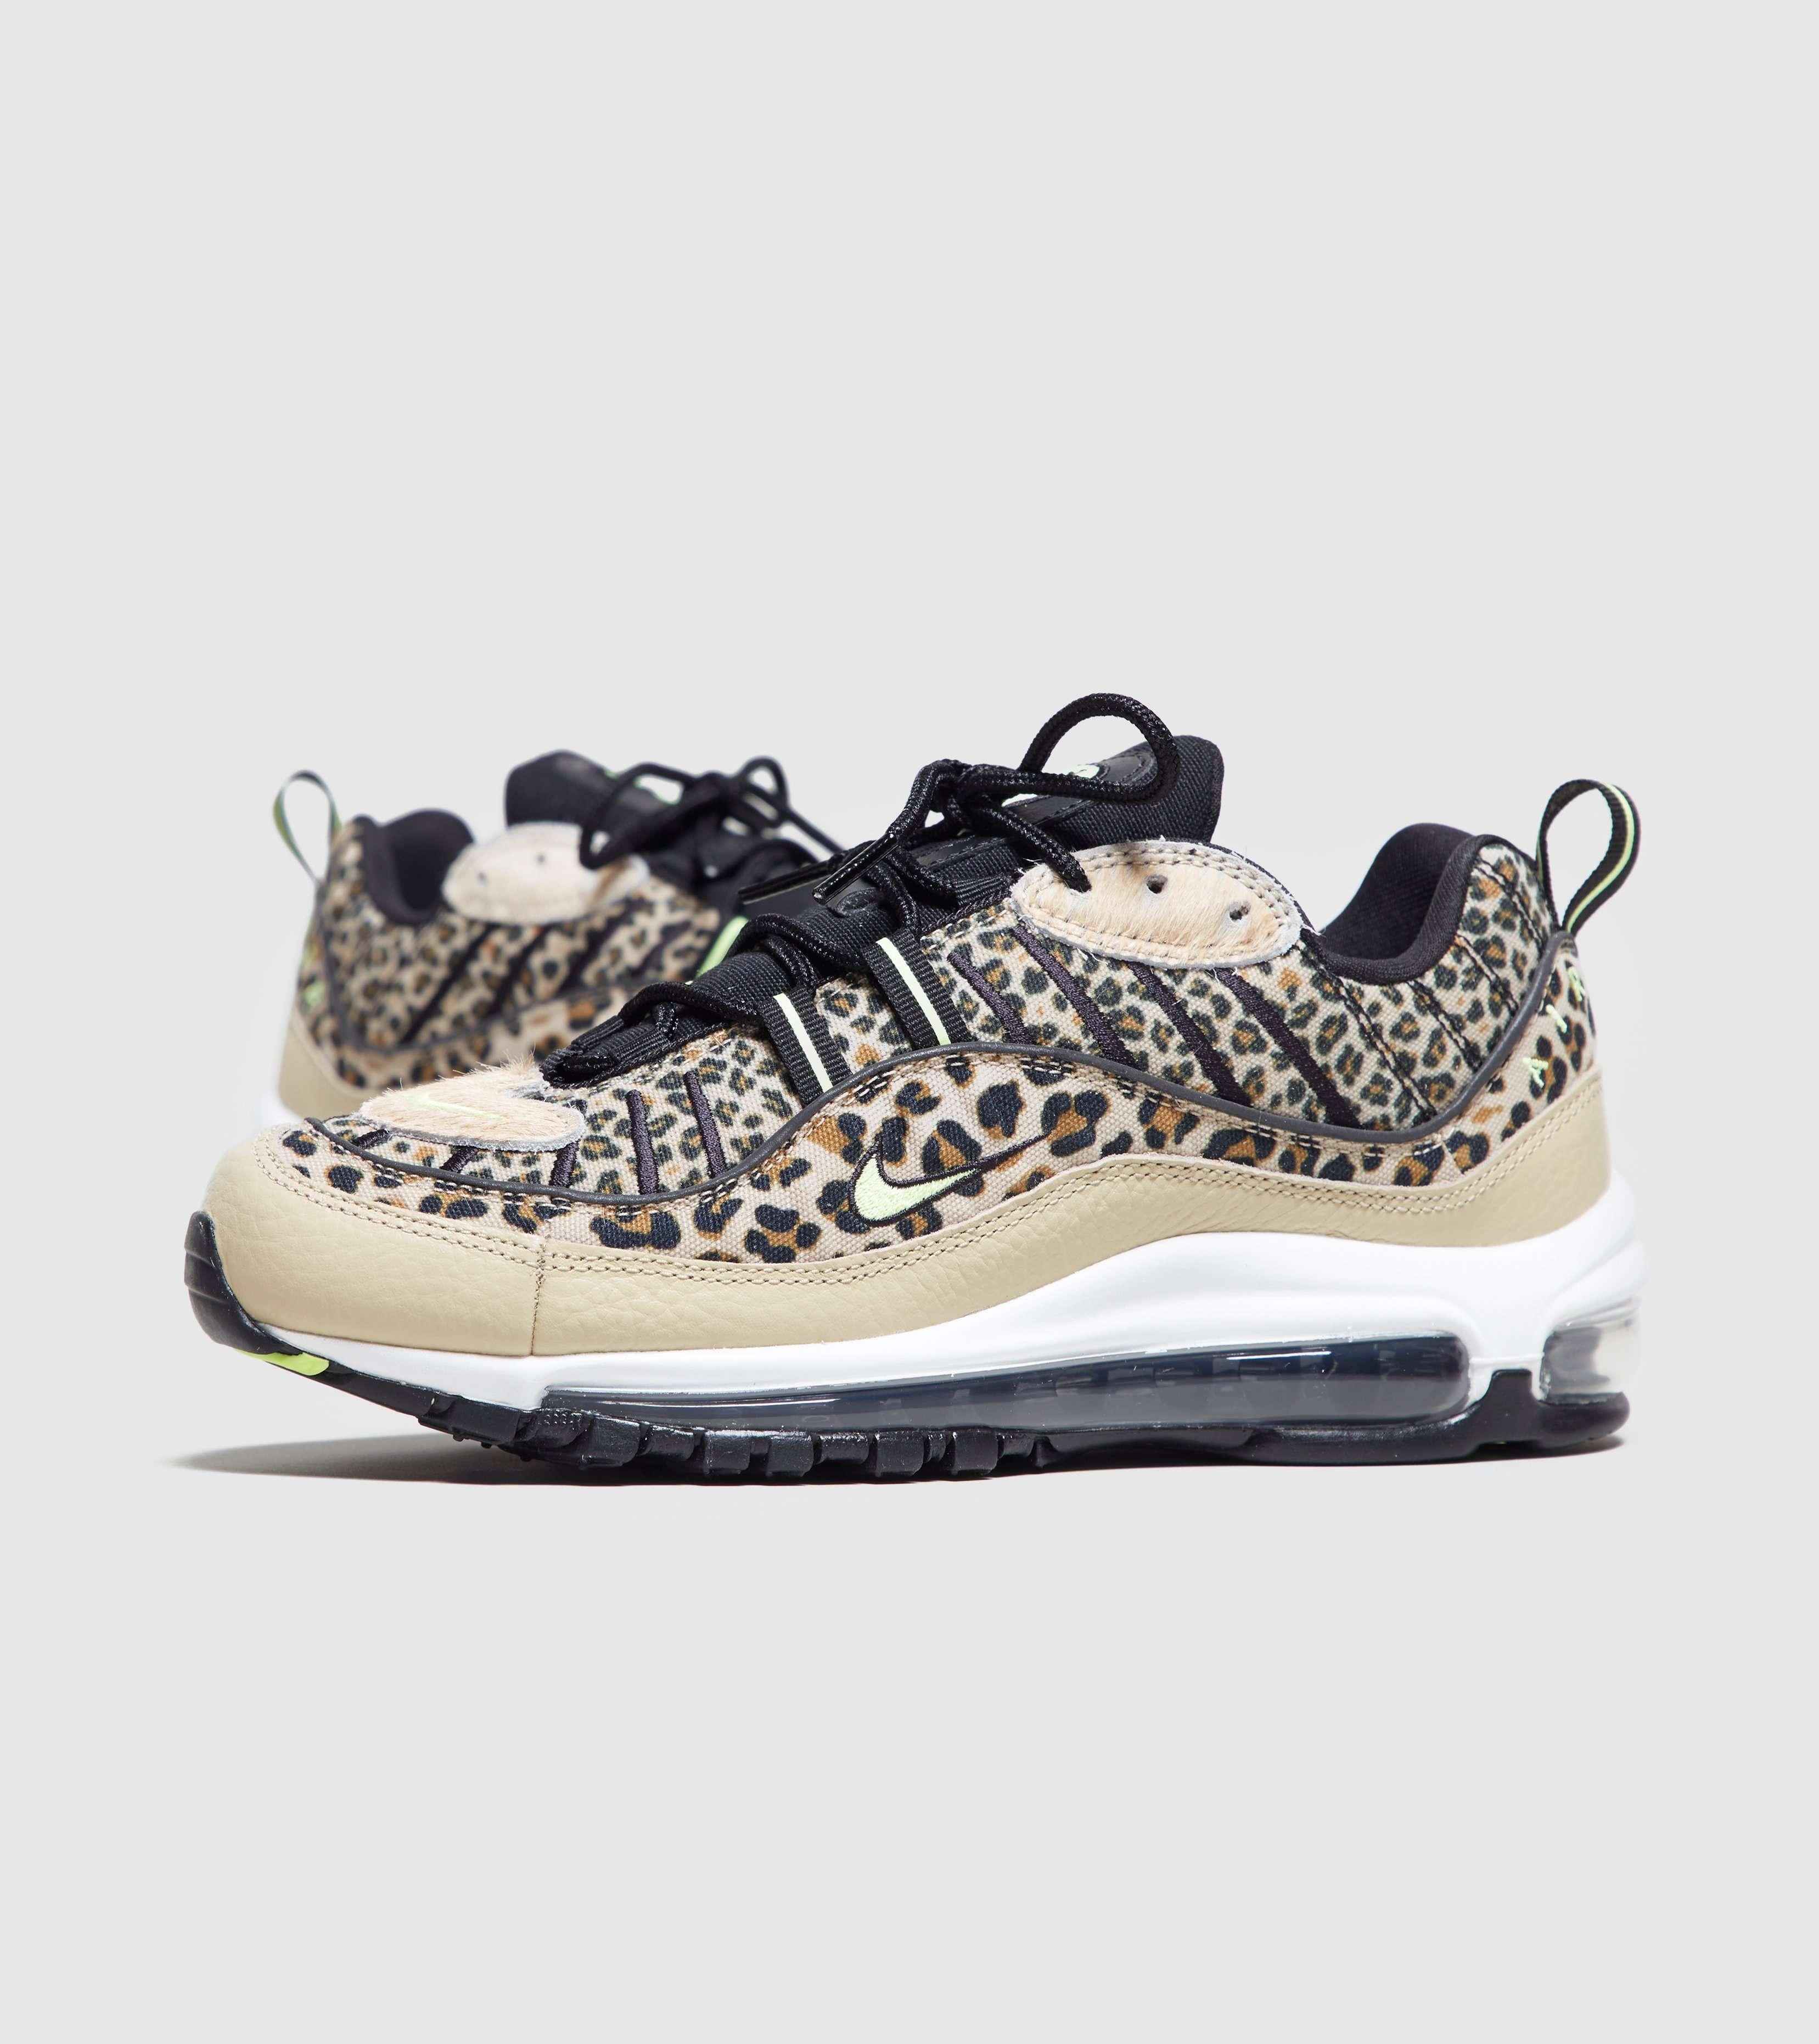 Nike Air Max 98 'Leopard' Women's